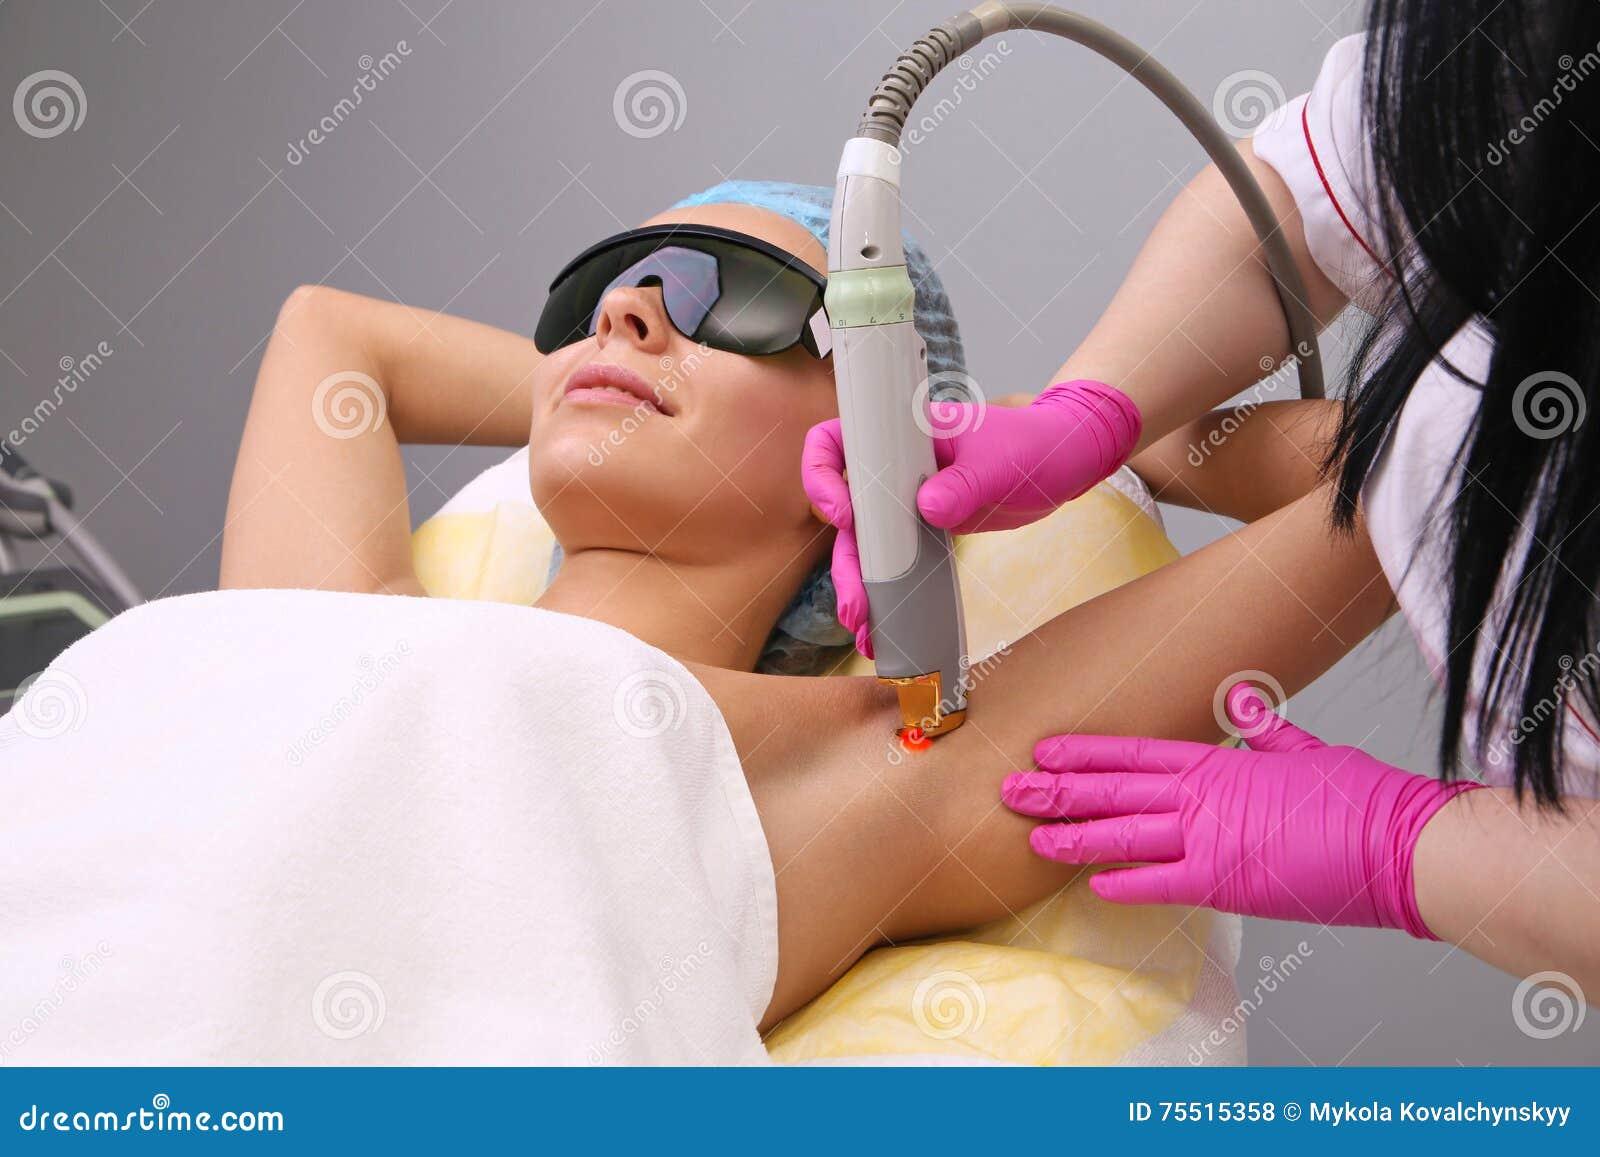 Κατοχή underarm του epilation αφαίρεσης τρίχας λέιζερ